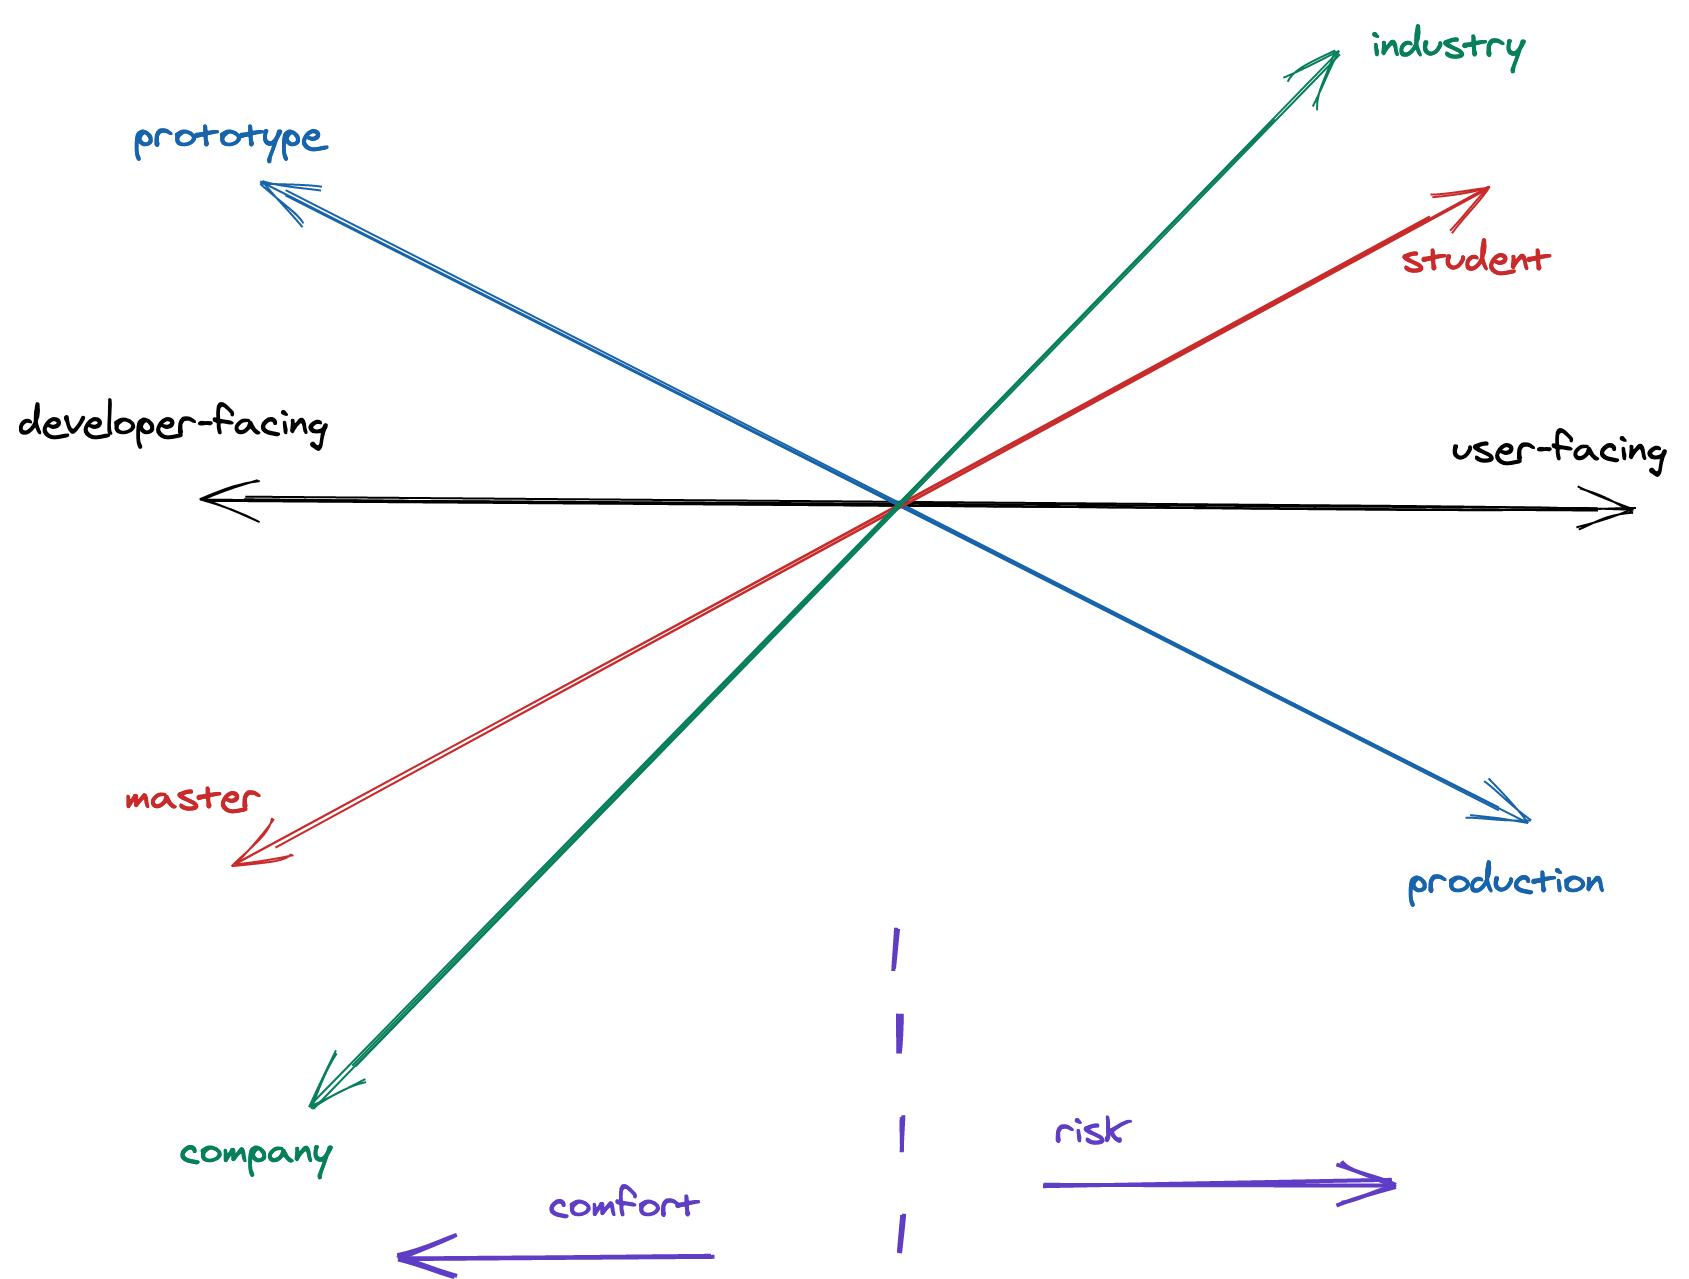 A programmer's job dimensions